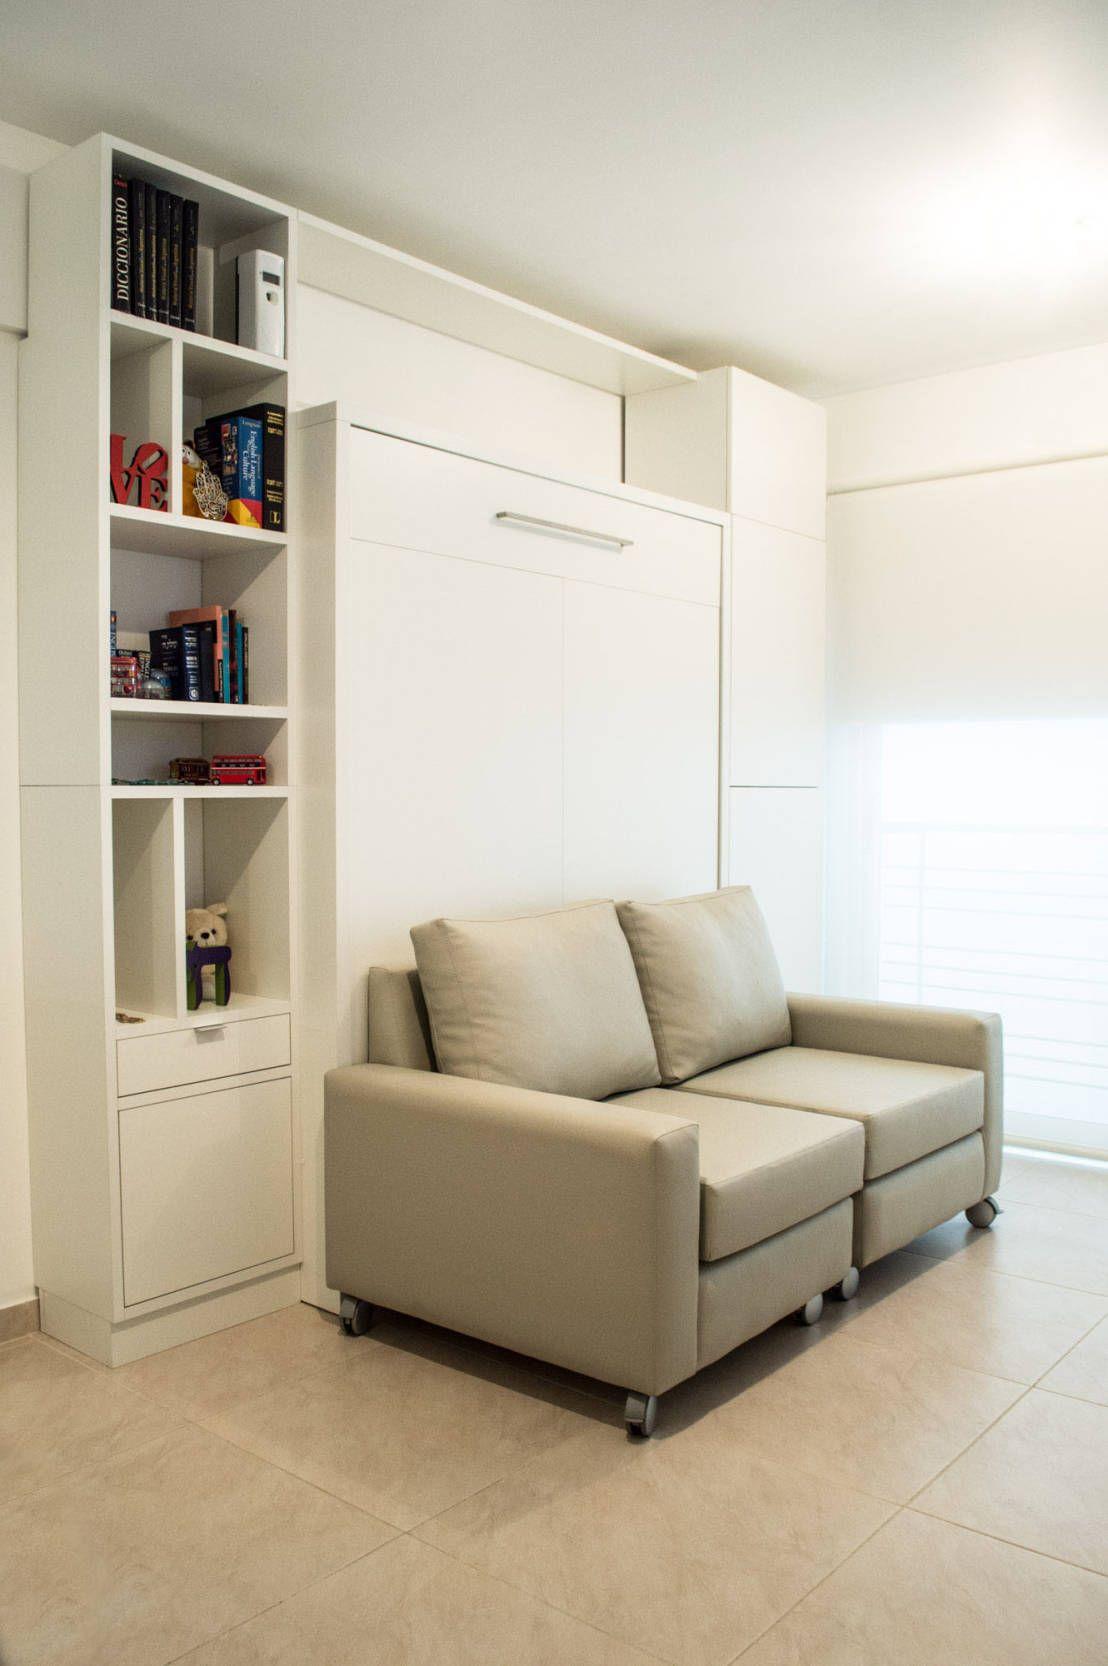 Muebles Para Vivir En 30 M Metro Cuadrado Departamentos Y Vivir # Muebles Cuadrados